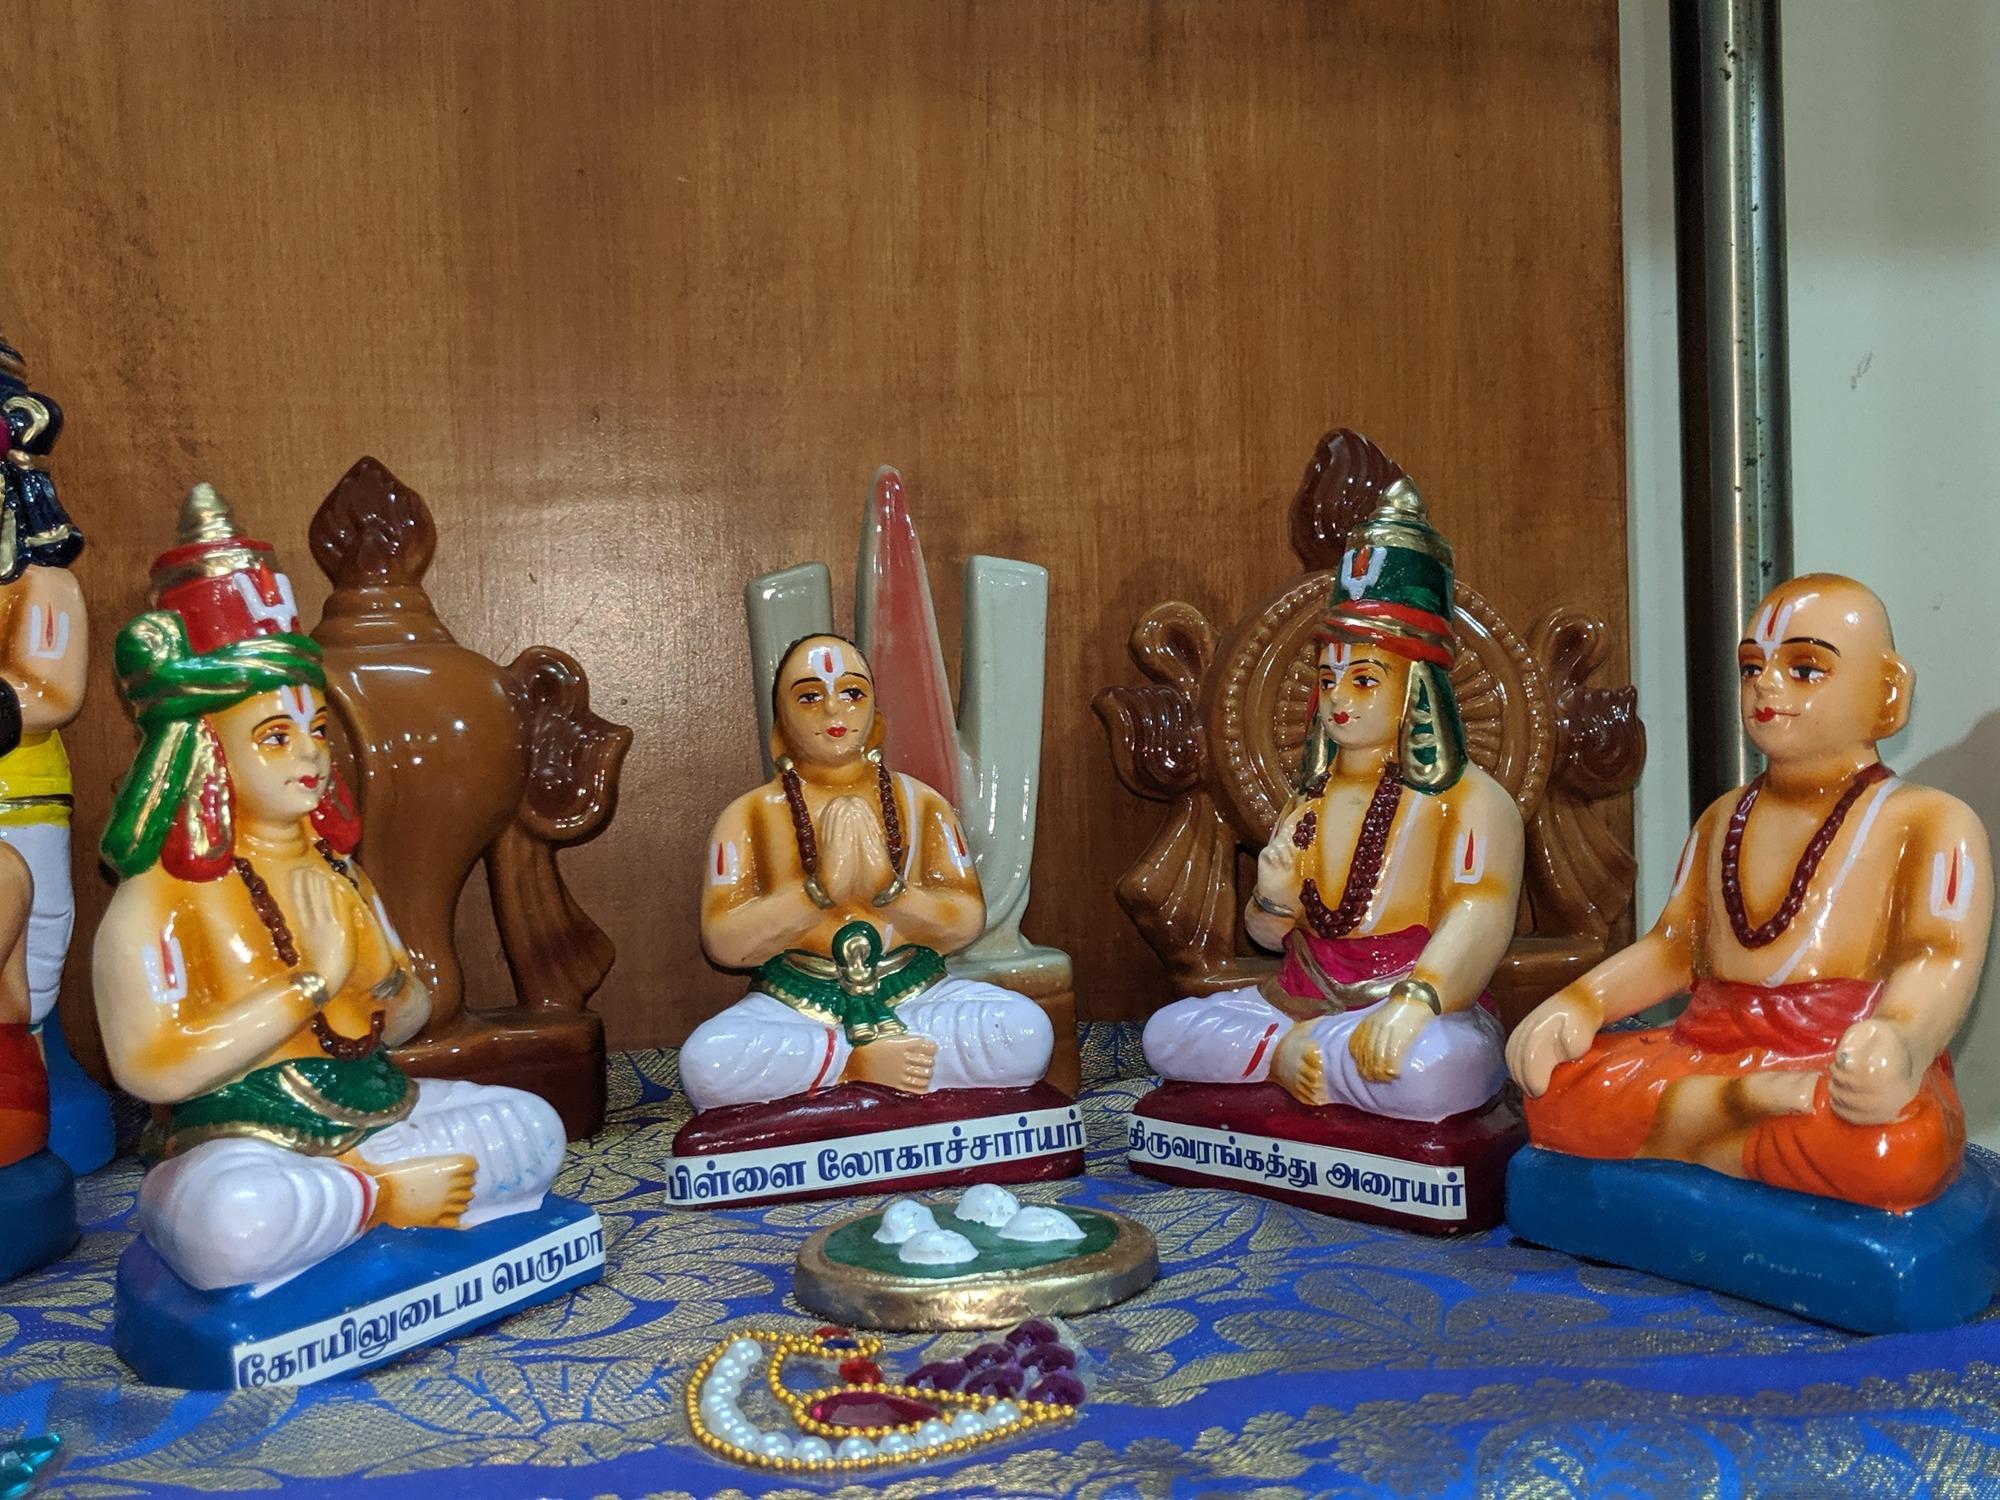 கோயிலுடைய பெருமாள், பிள்ளை லோகாச்சார்யர், திருவரங்கத்து அரையர்